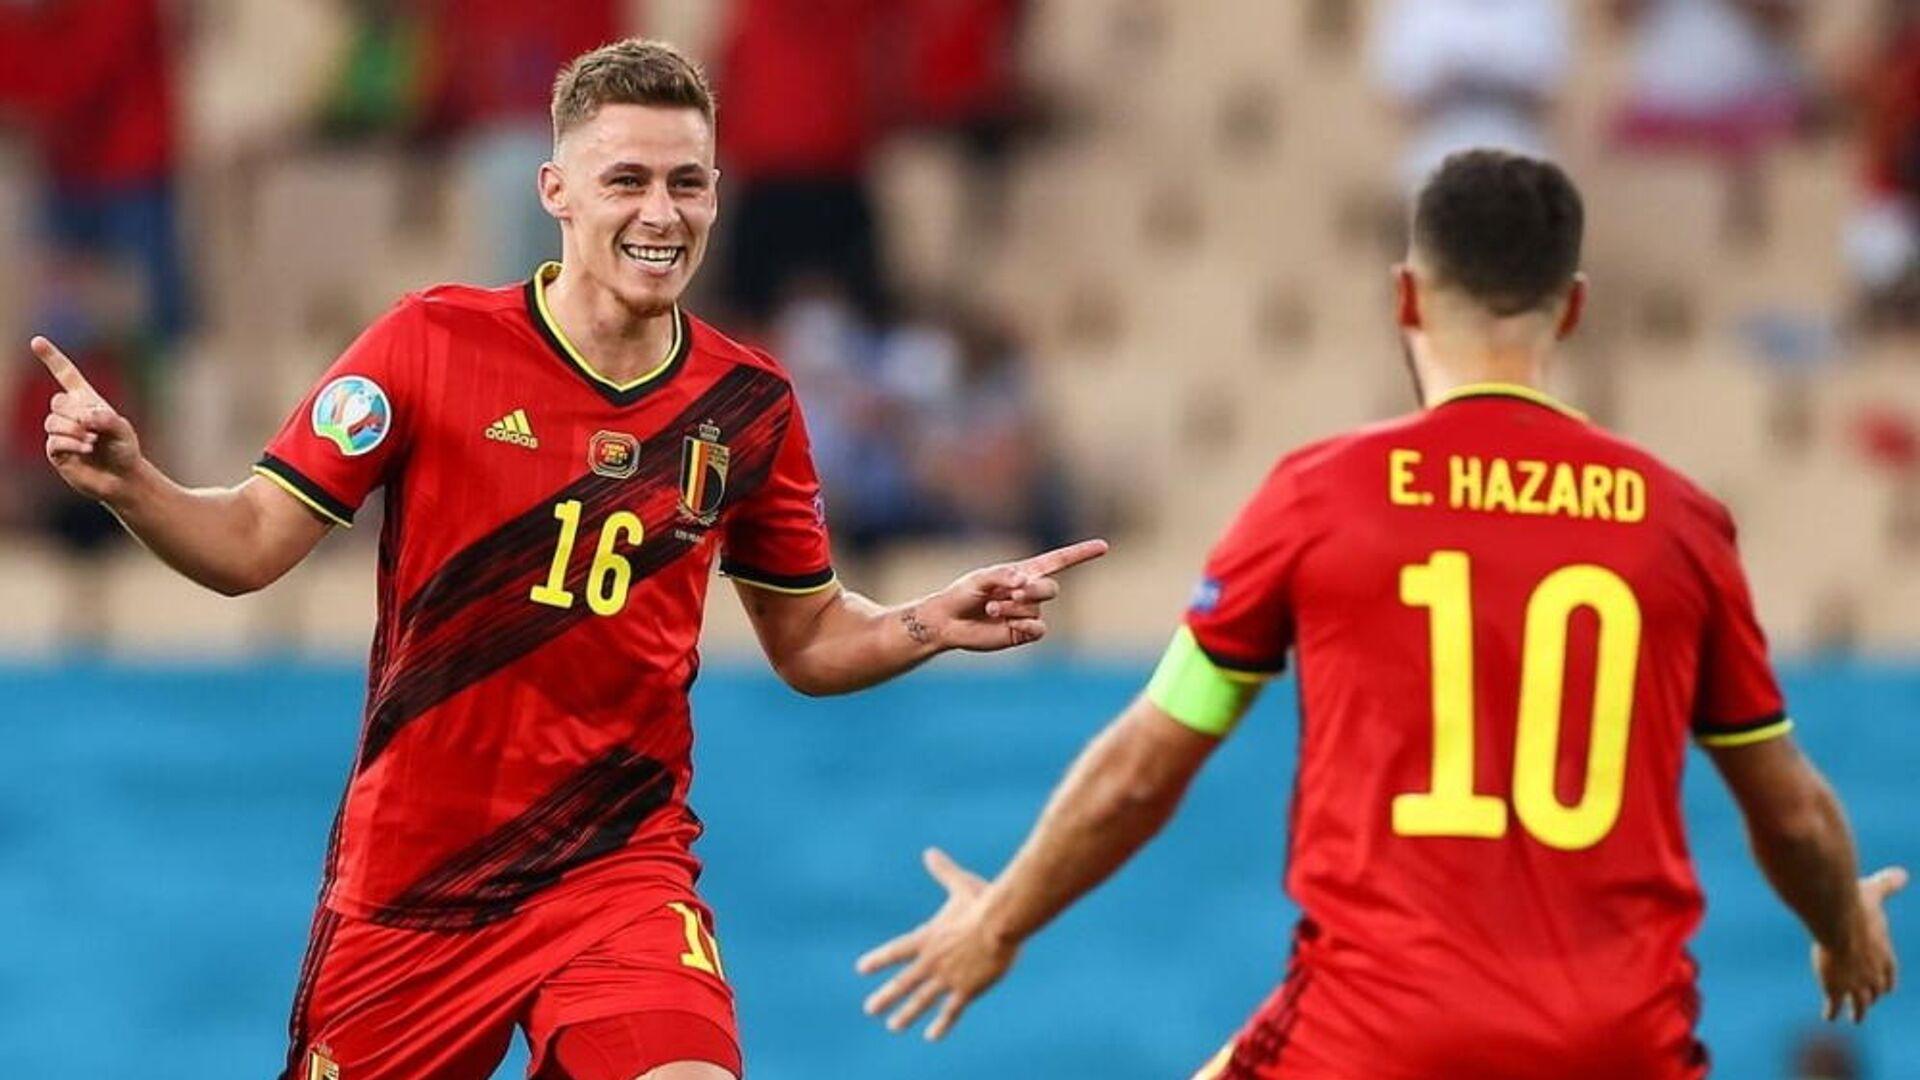 Οι Τοργκάν και Εντέν Αζάρ στον αγώνα Βέλγιο - Πορτογαλία για το EURO 2020, 27 Ιουνίου 2021 - Sputnik Ελλάδα, 1920, 07.10.2021